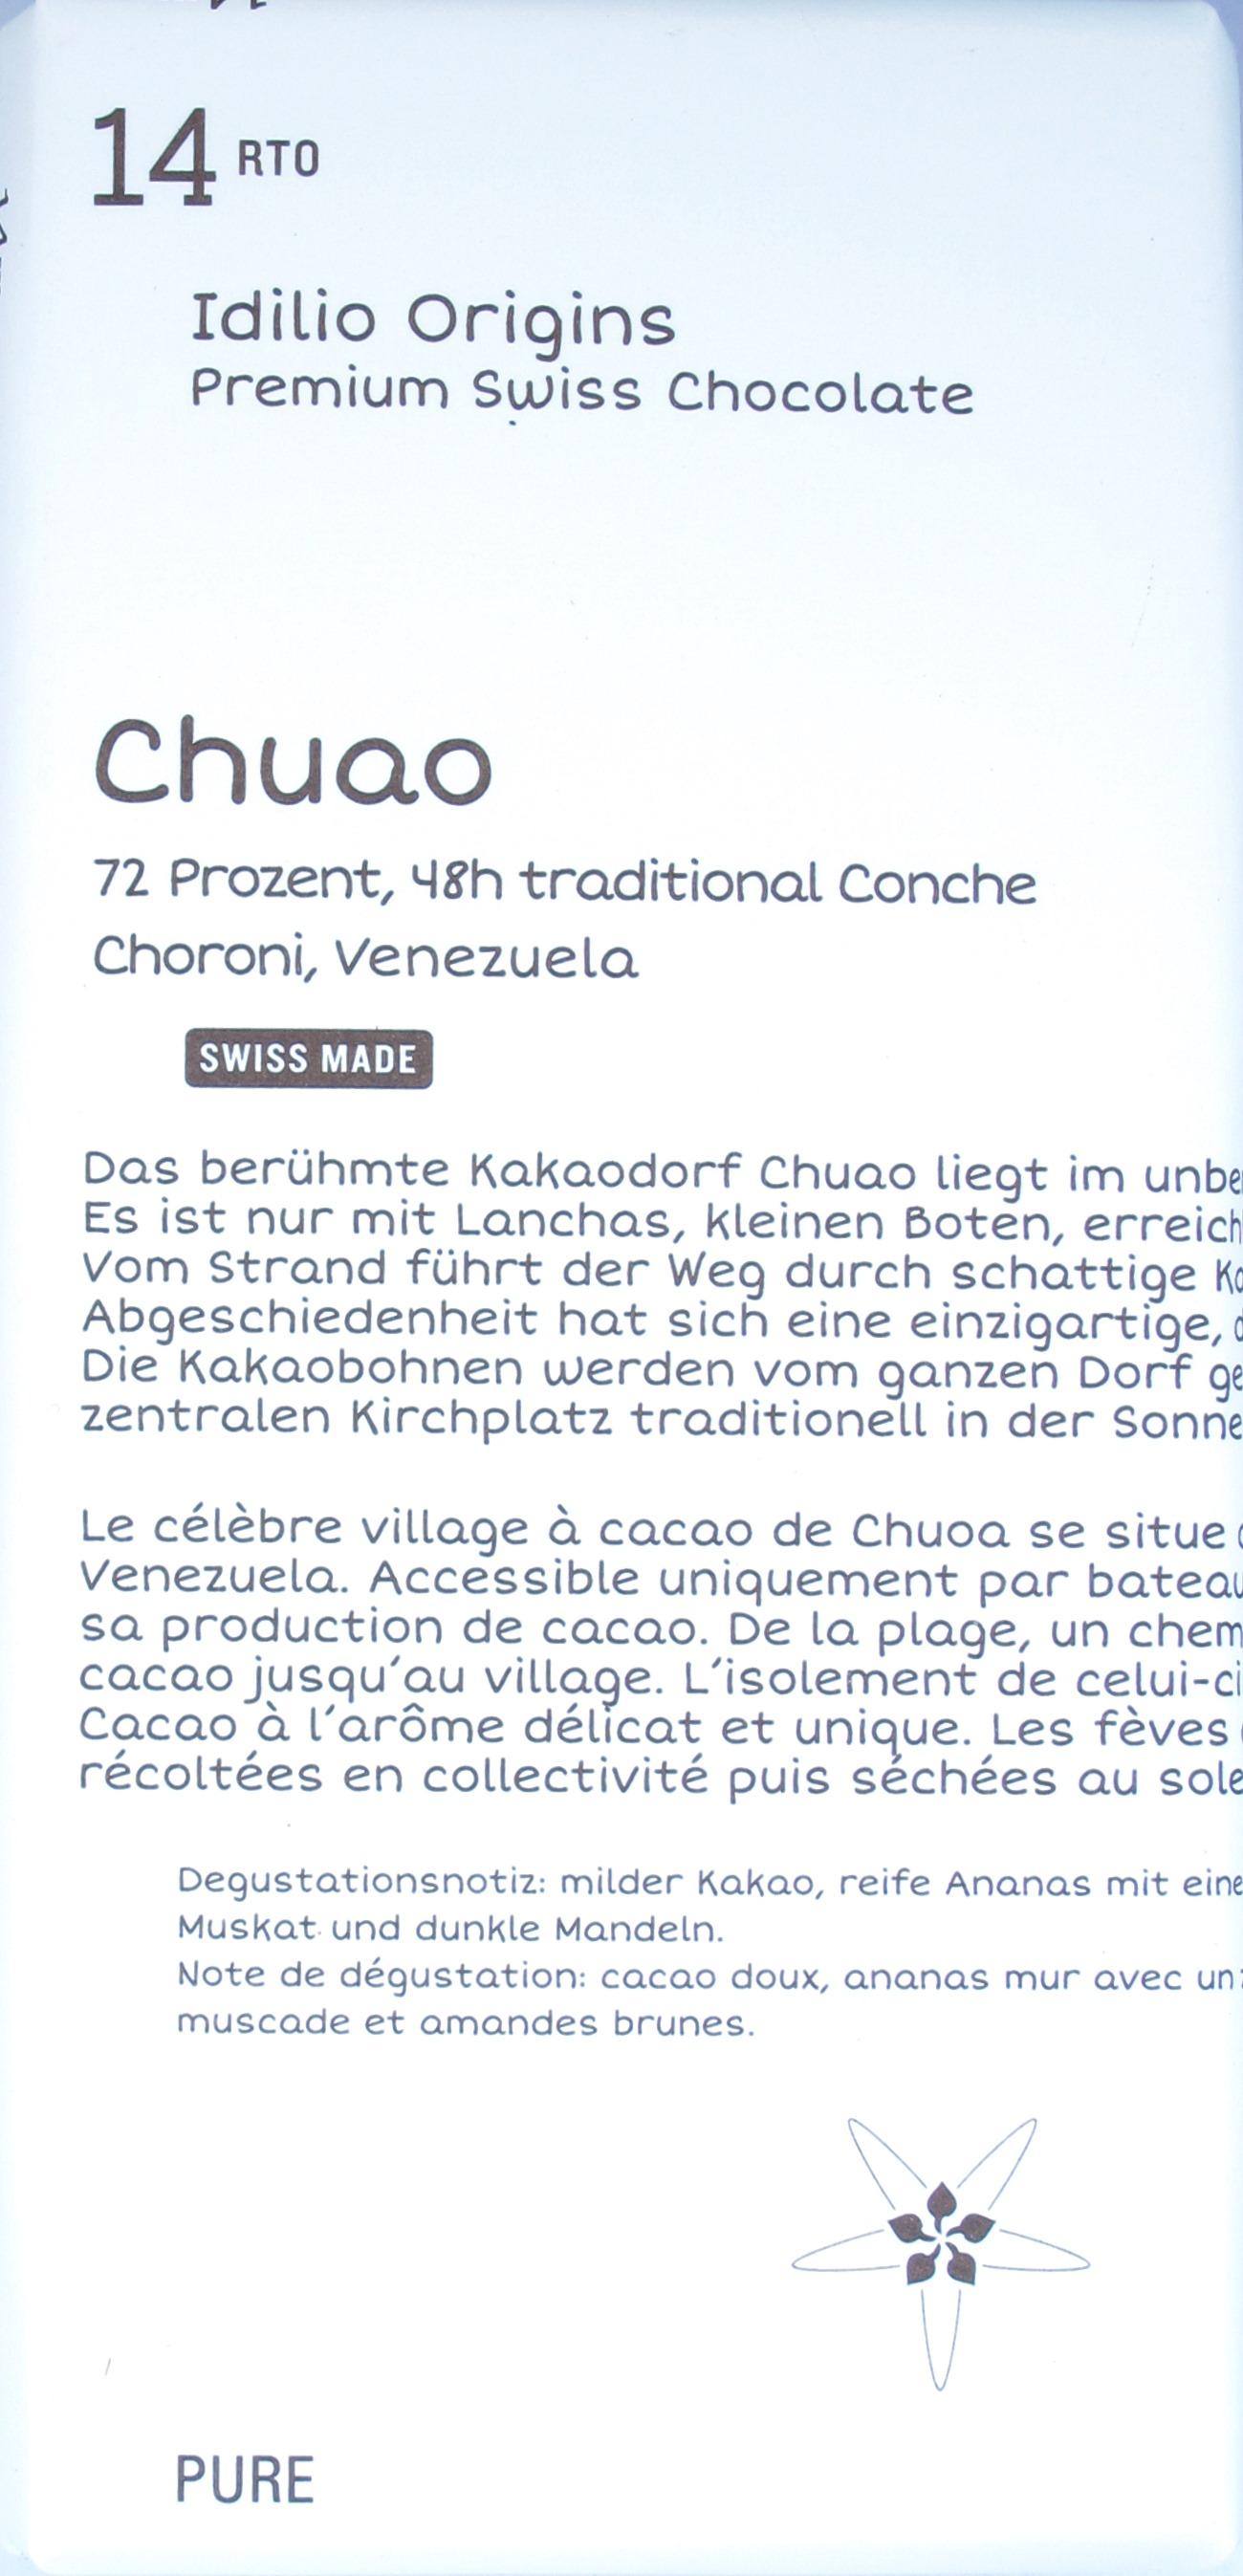 Idilio Dunkle Schokolade 14rto Chuao, 72%